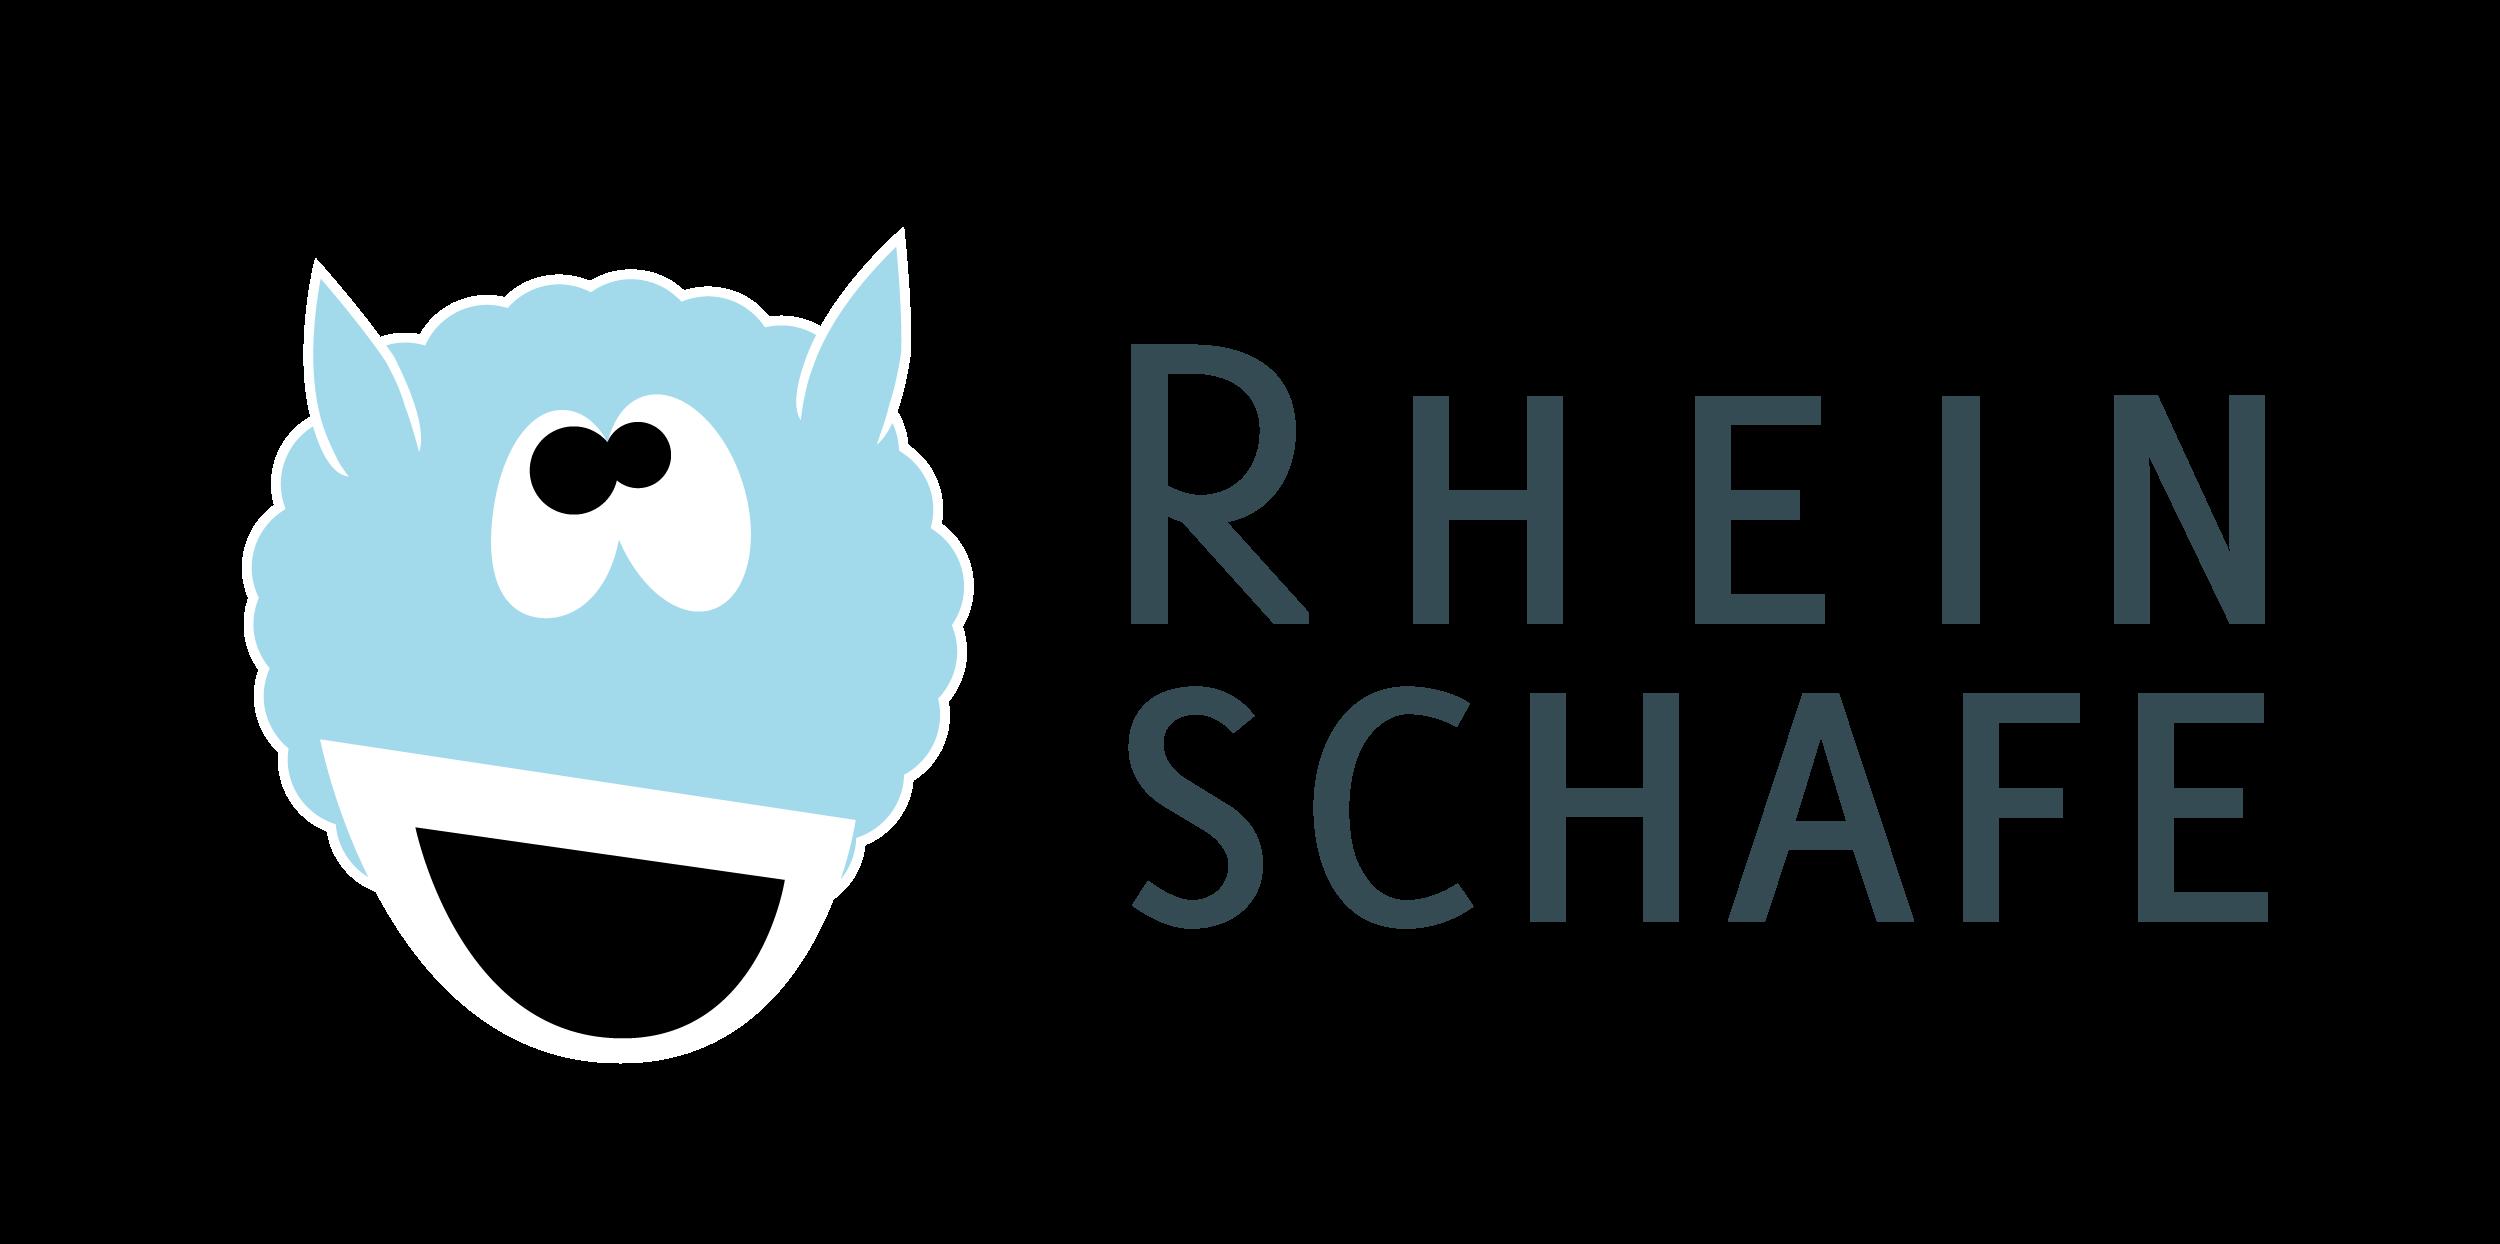 Rheinschafe GmbH